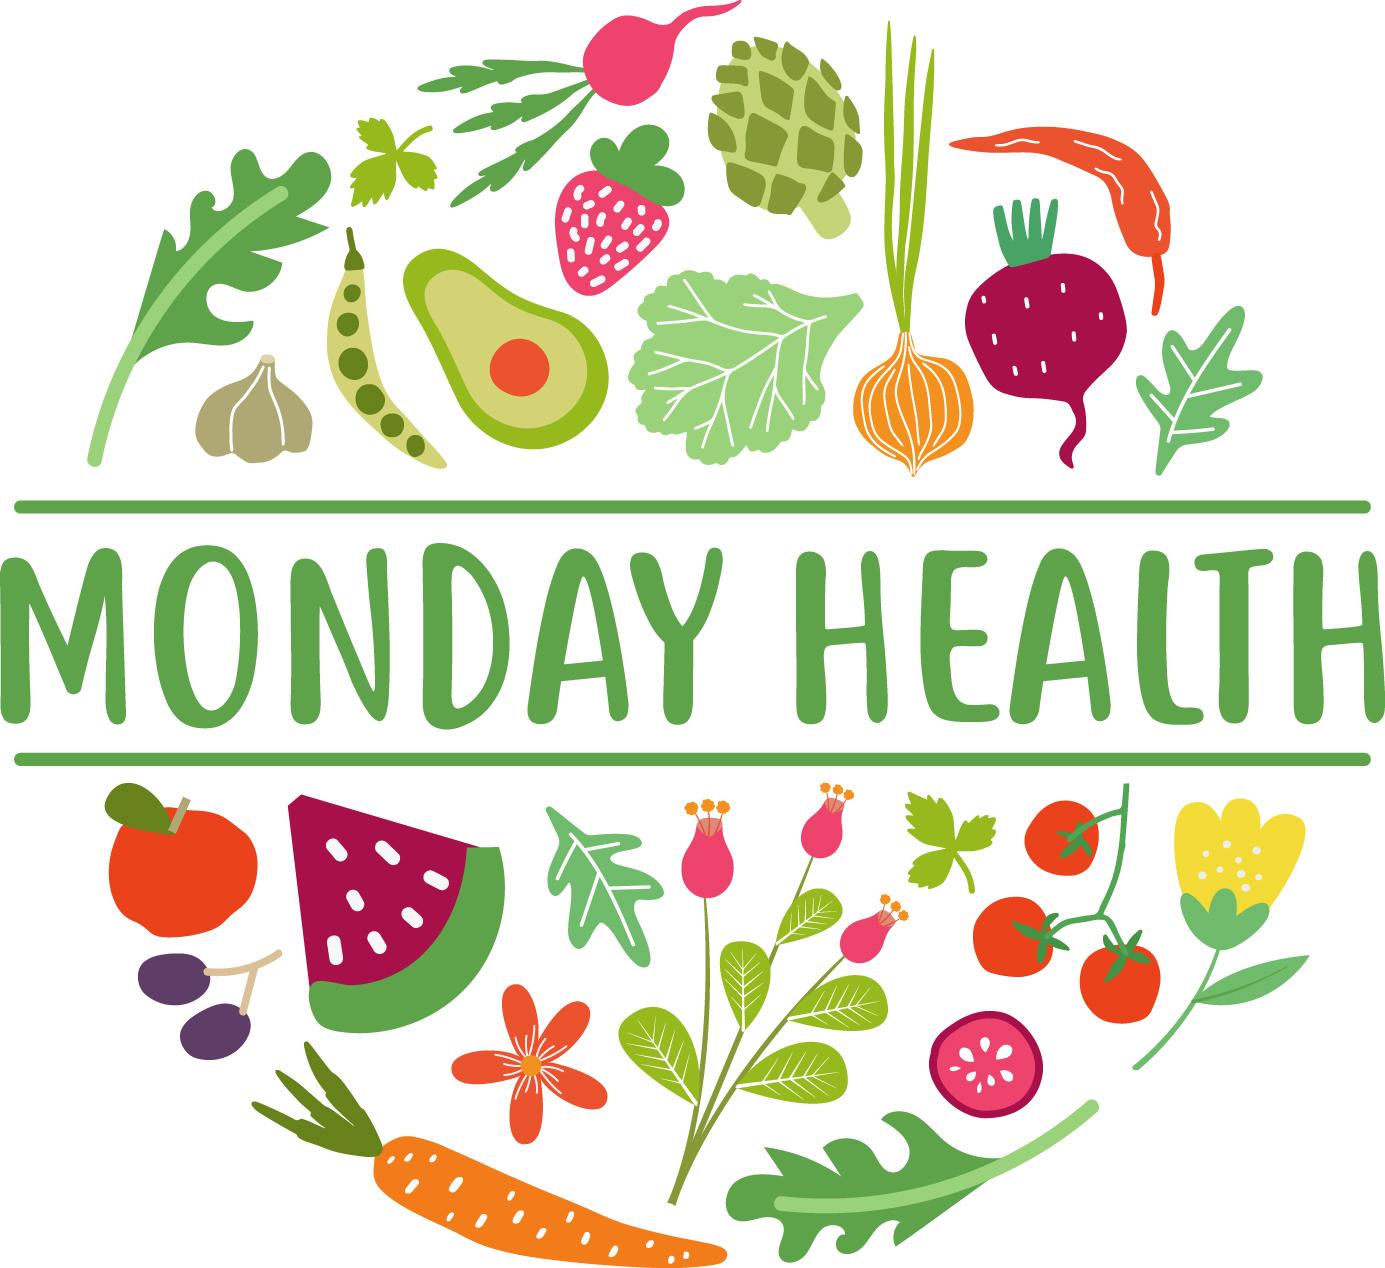 Monday Health